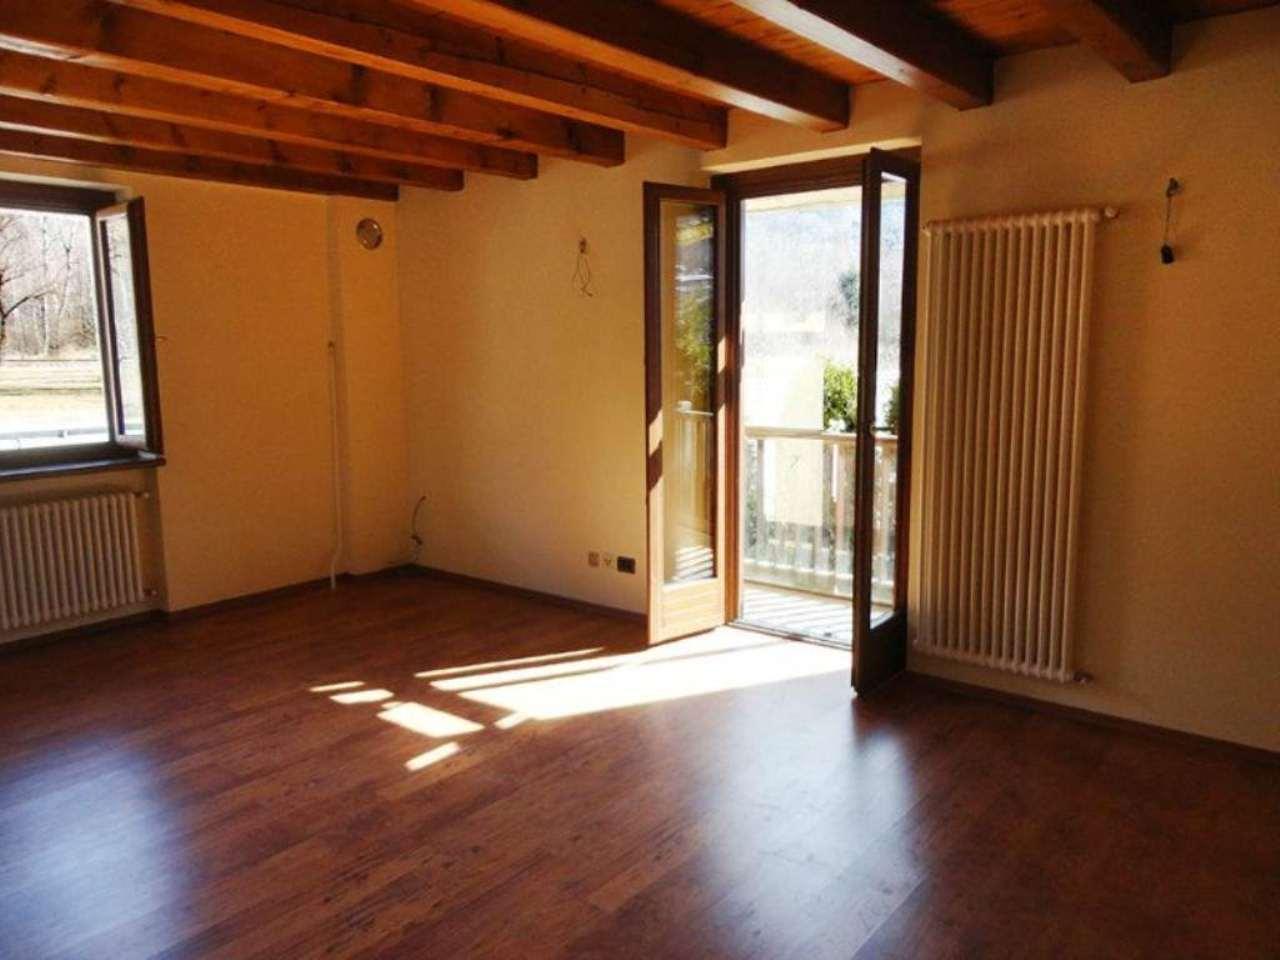 Appartamento in vendita a Morgex, 2 locali, prezzo € 110.000 | Cambio Casa.it